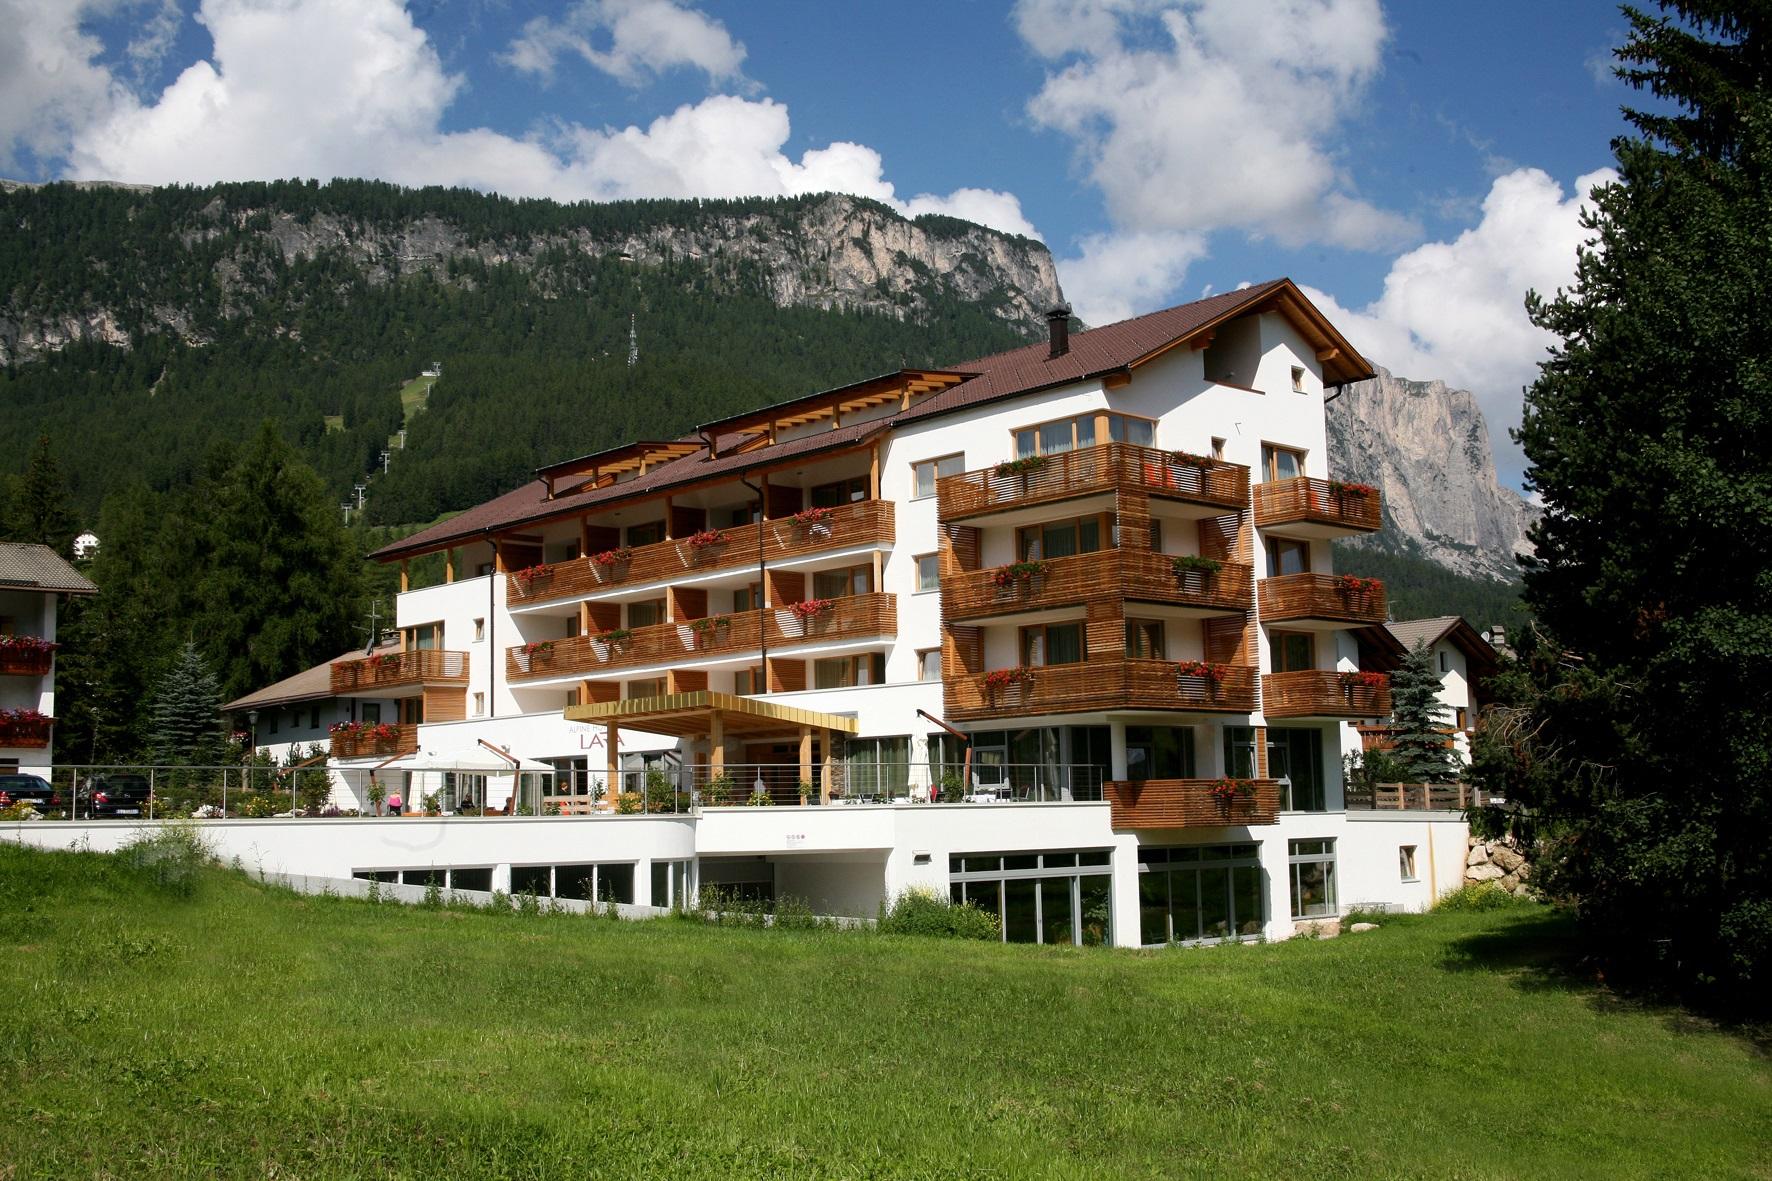 alpine-hotel-ciasa-lara-suedtirol-alta-badia-alto-adige-italia